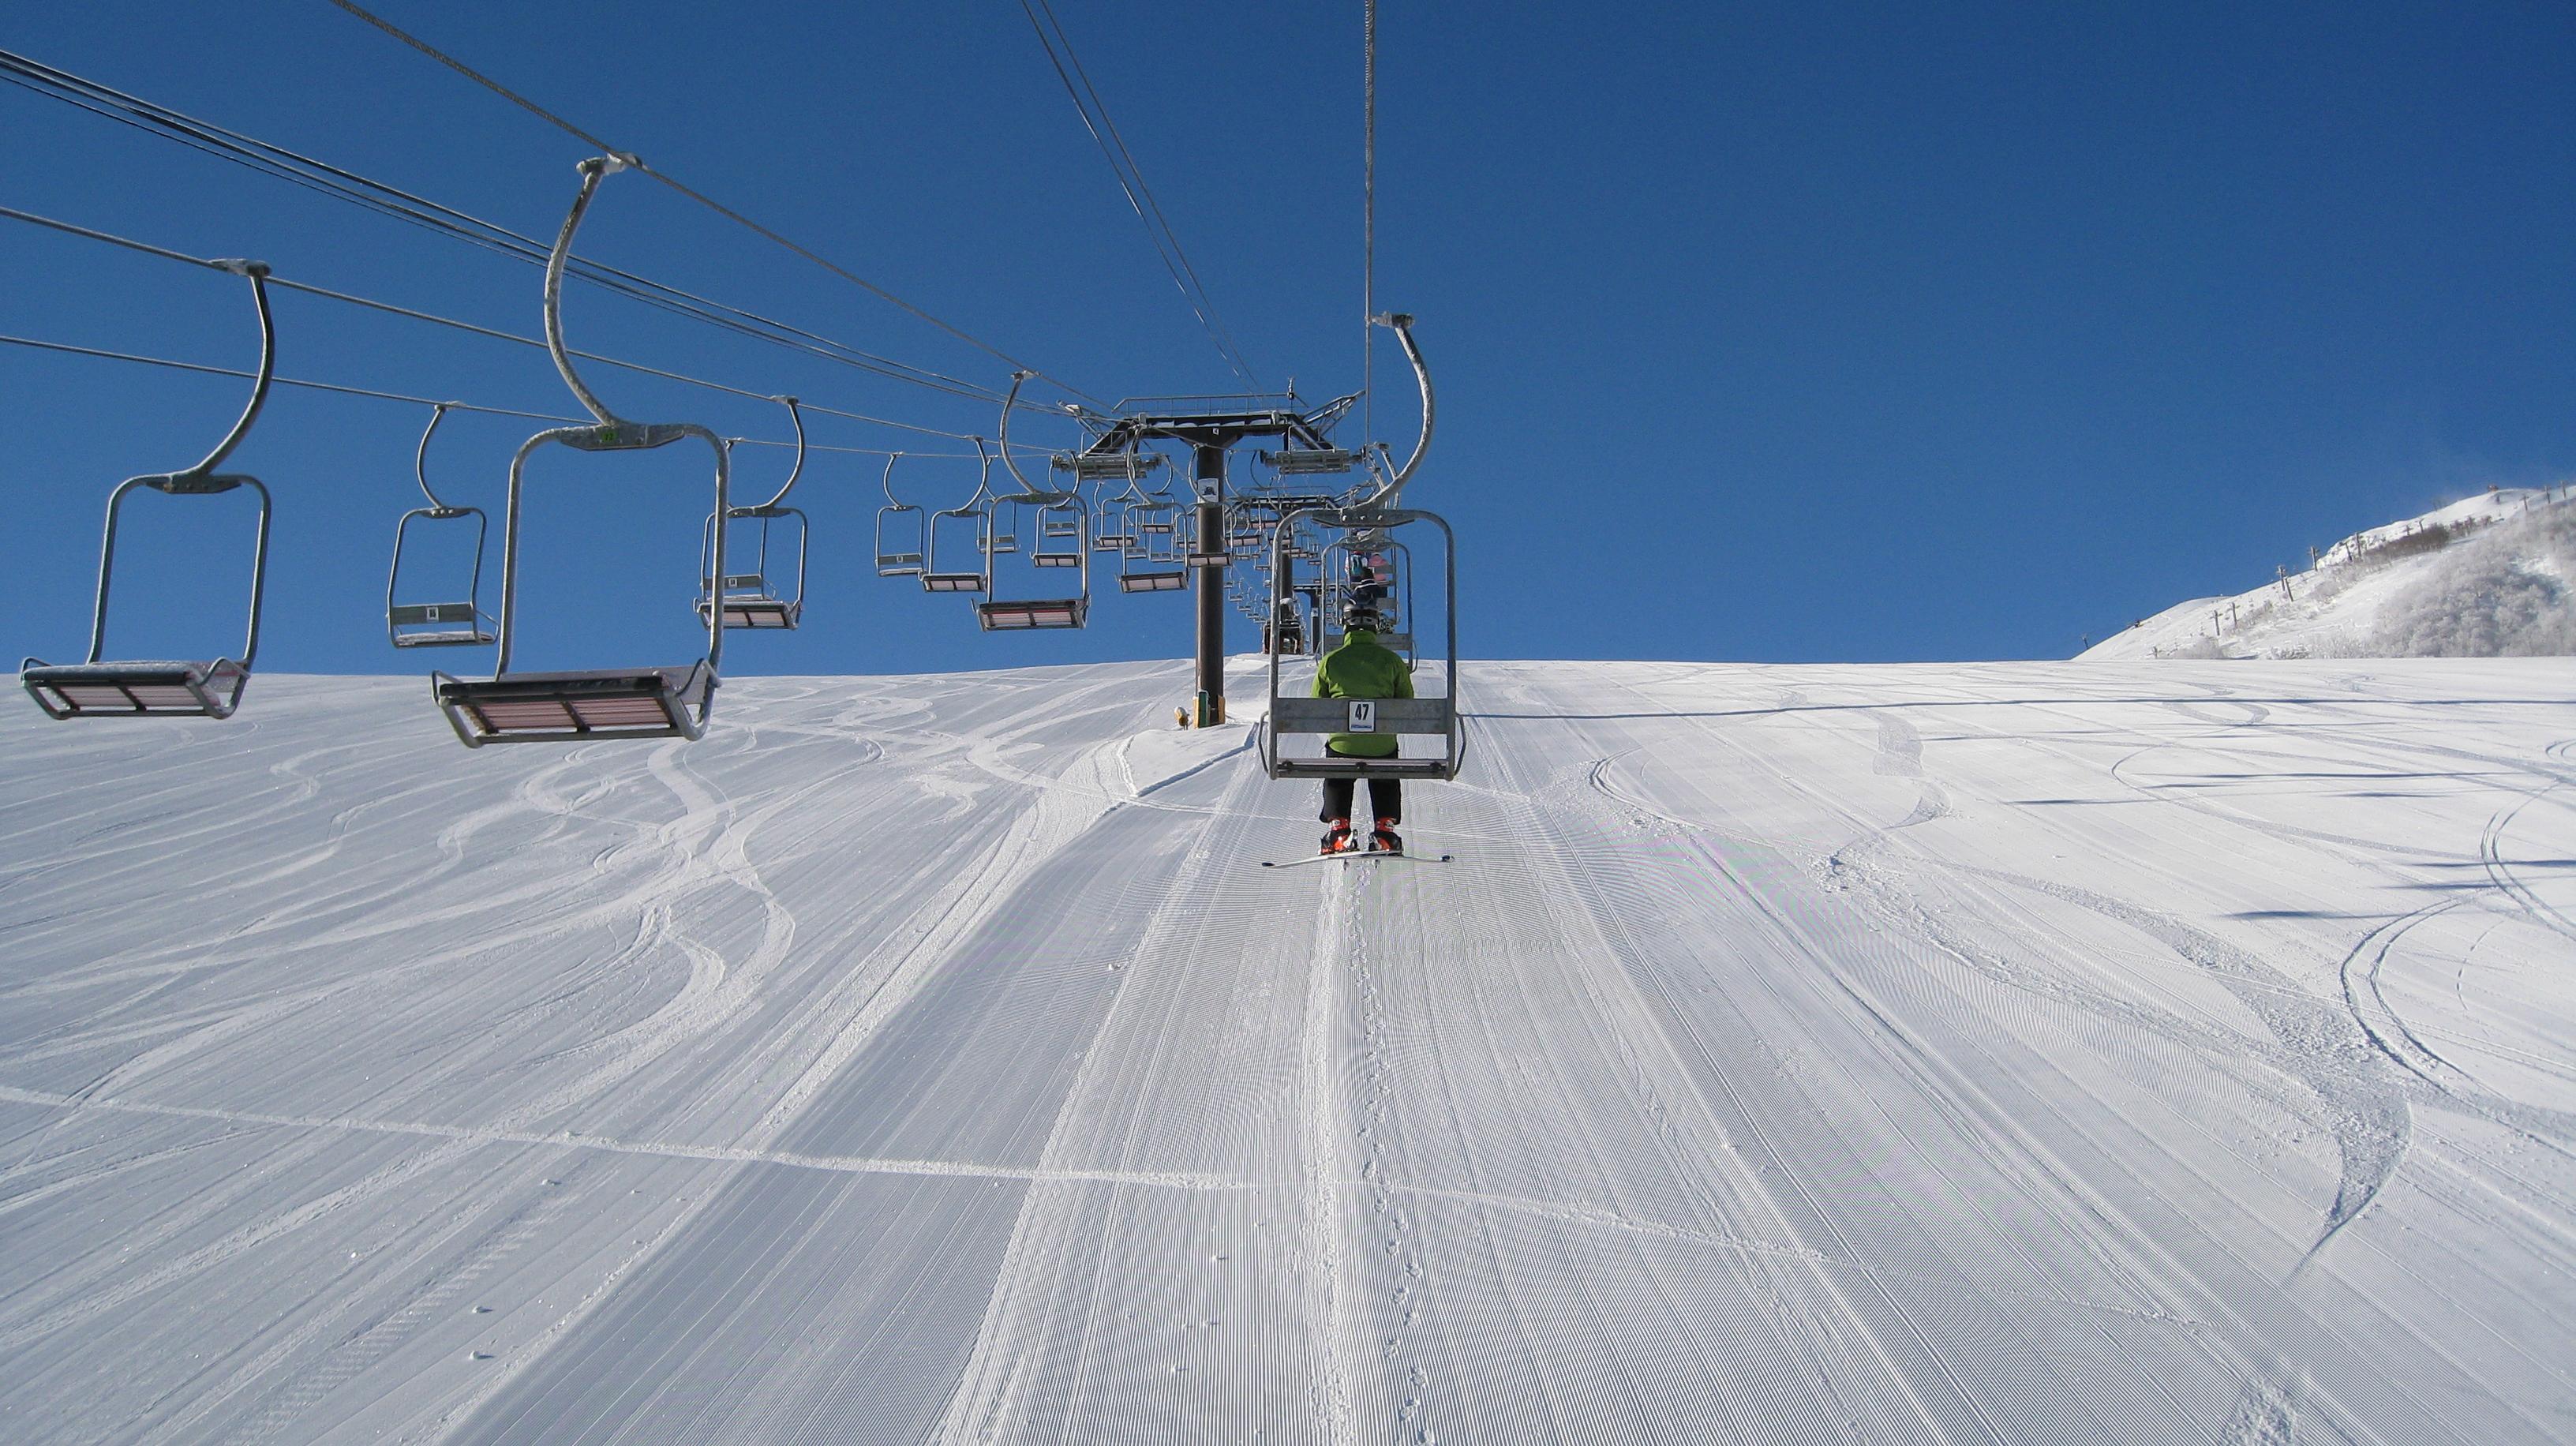 白馬(長野県)でバイト! 冬のスキー場リゾートバイト求人特集